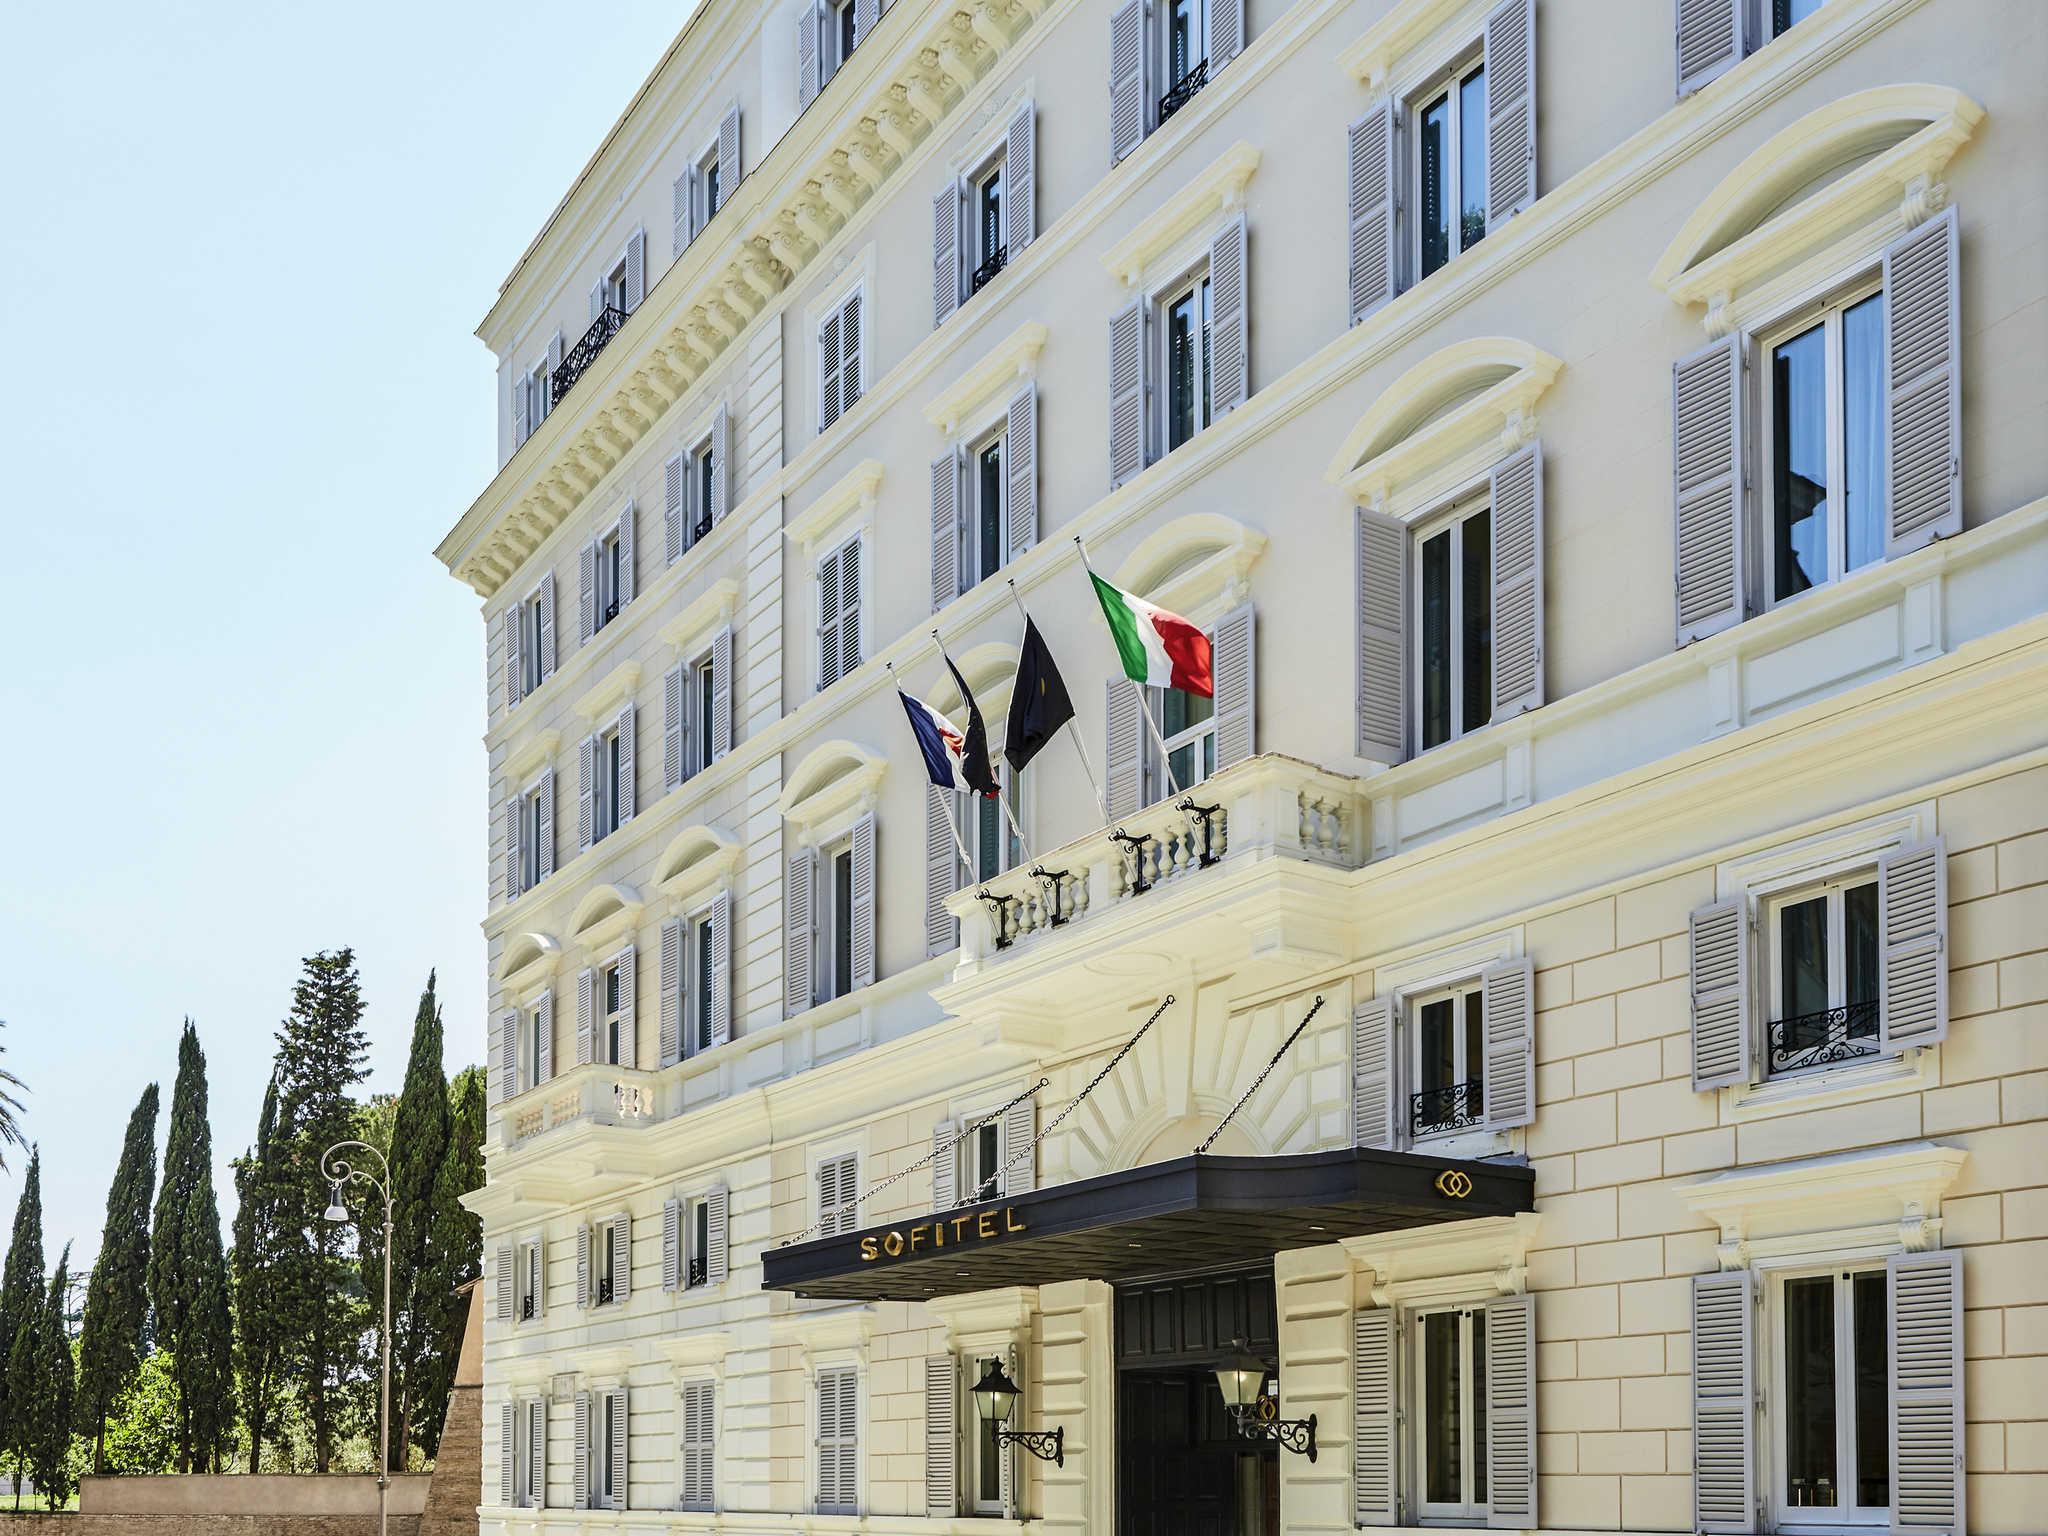 فندق - سوفيتل Sofitel روما فيلا بورغس